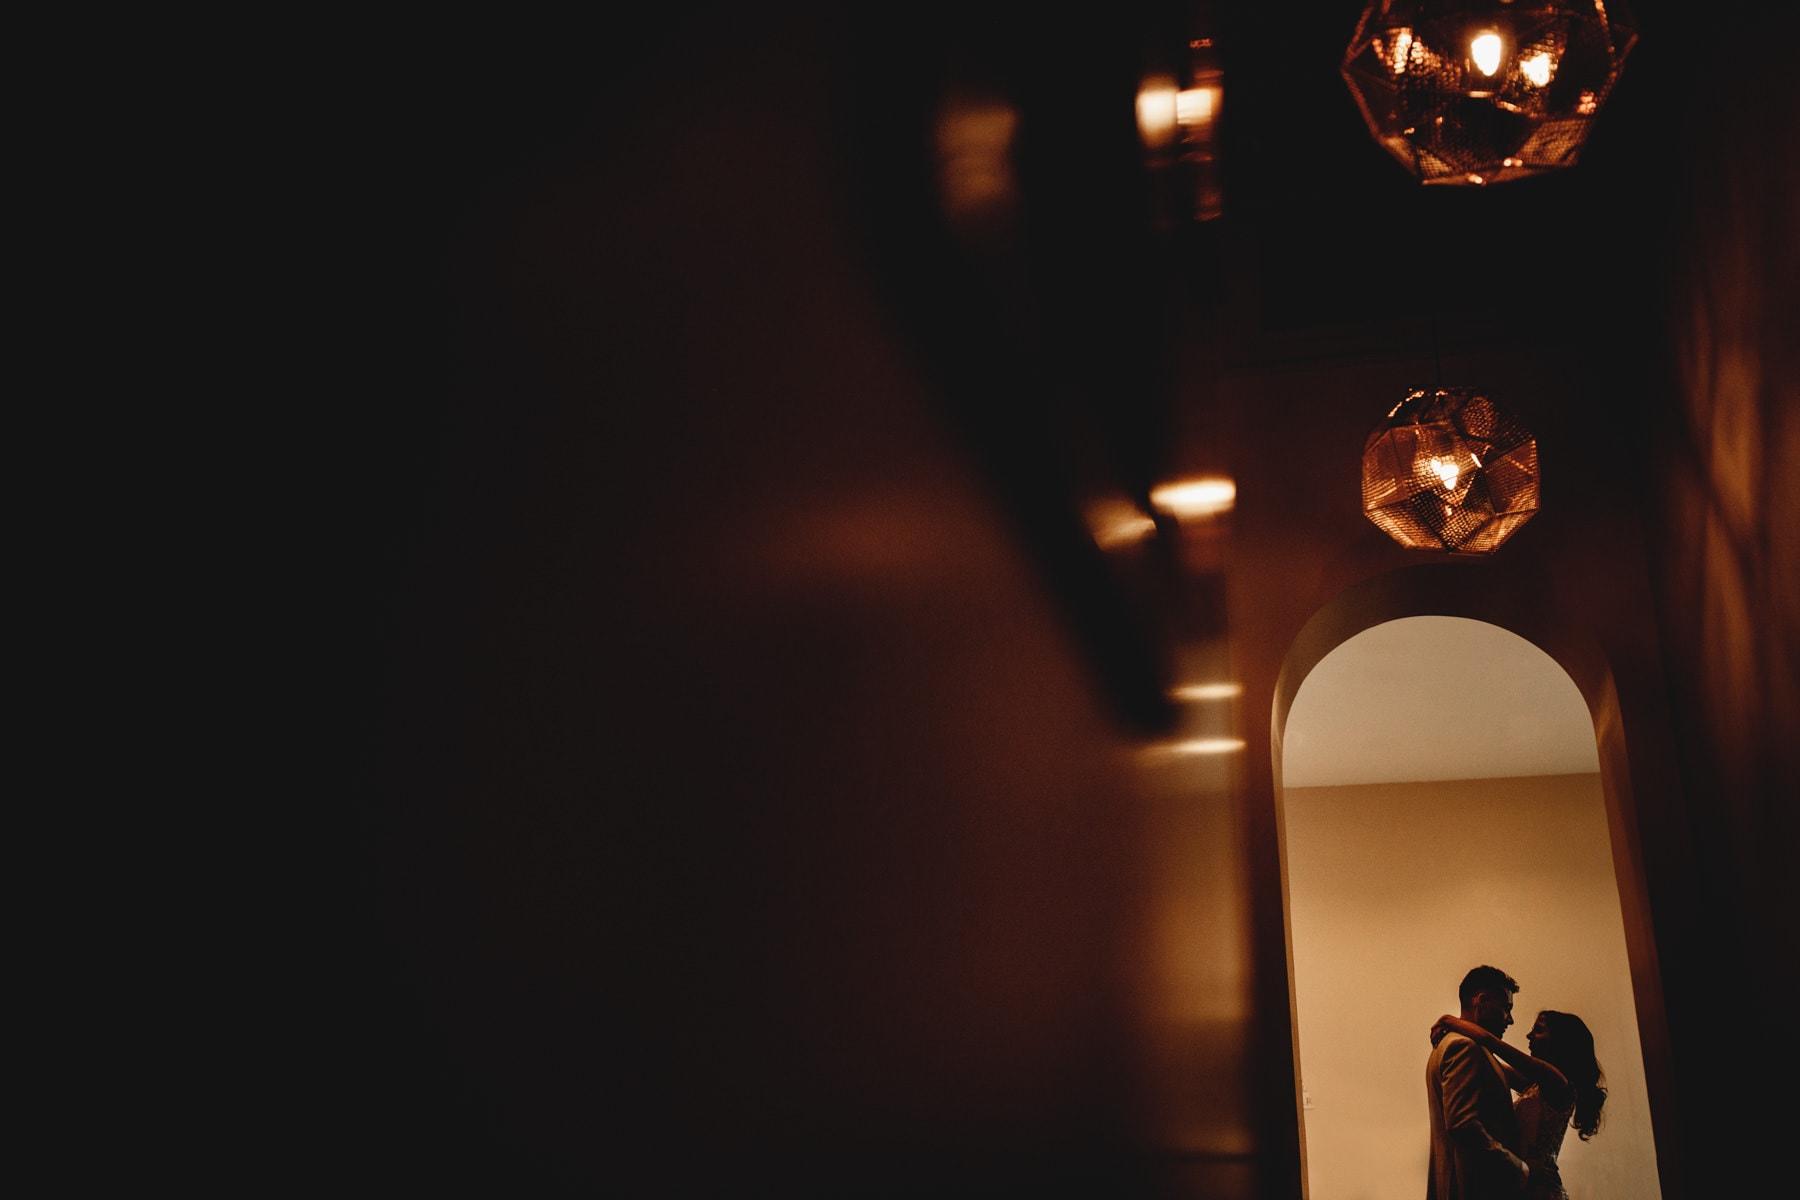 bride and groom in orange doorway under lights for wedding photos at winstanley house